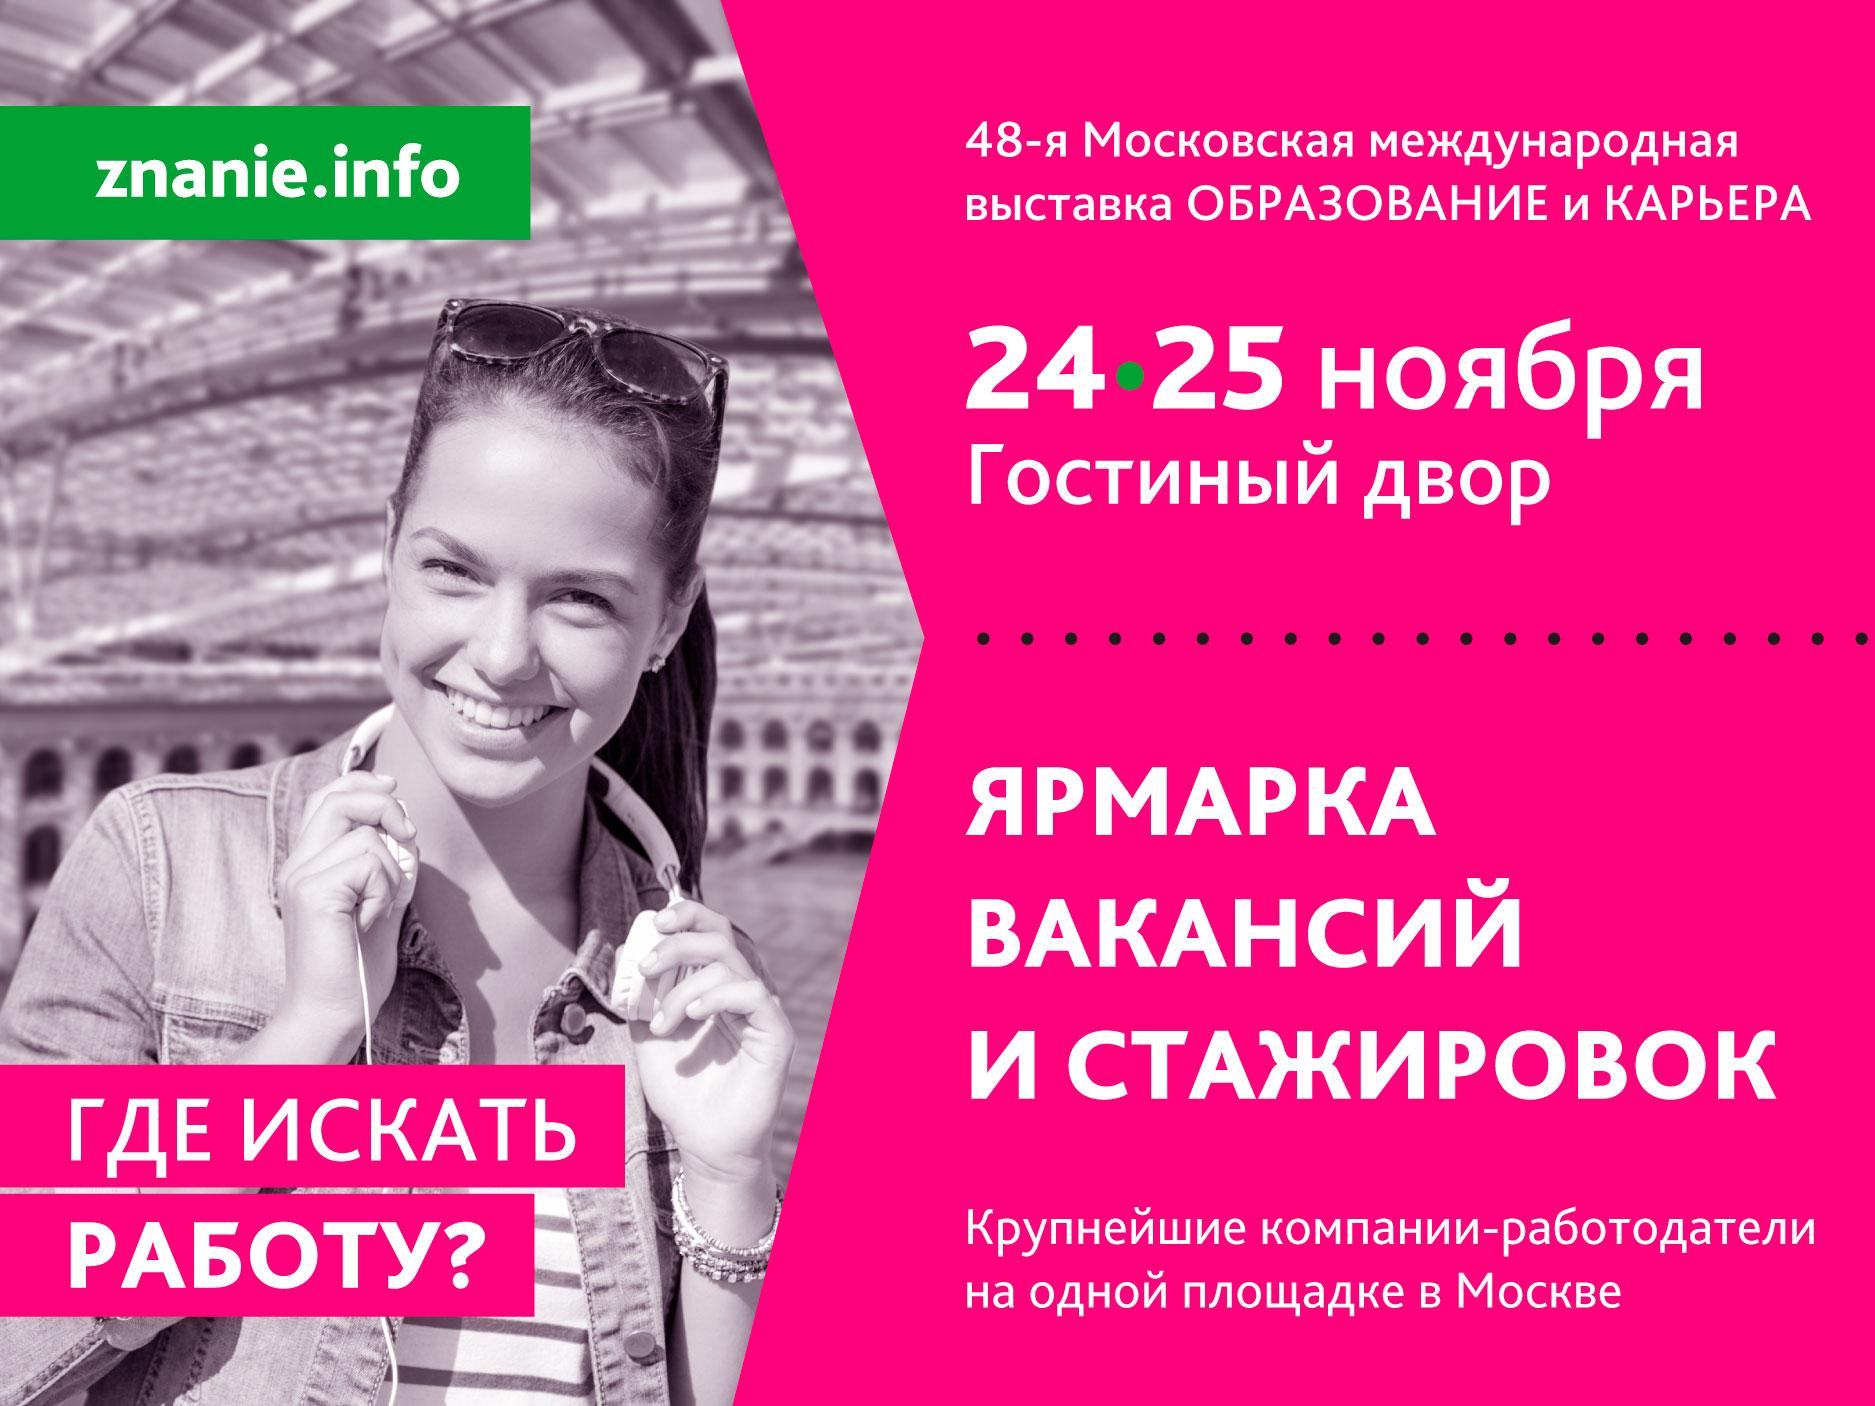 Ярмарка вакансий и стажировок для студентов и молодых специалистов на выставке «Образование и карьера»